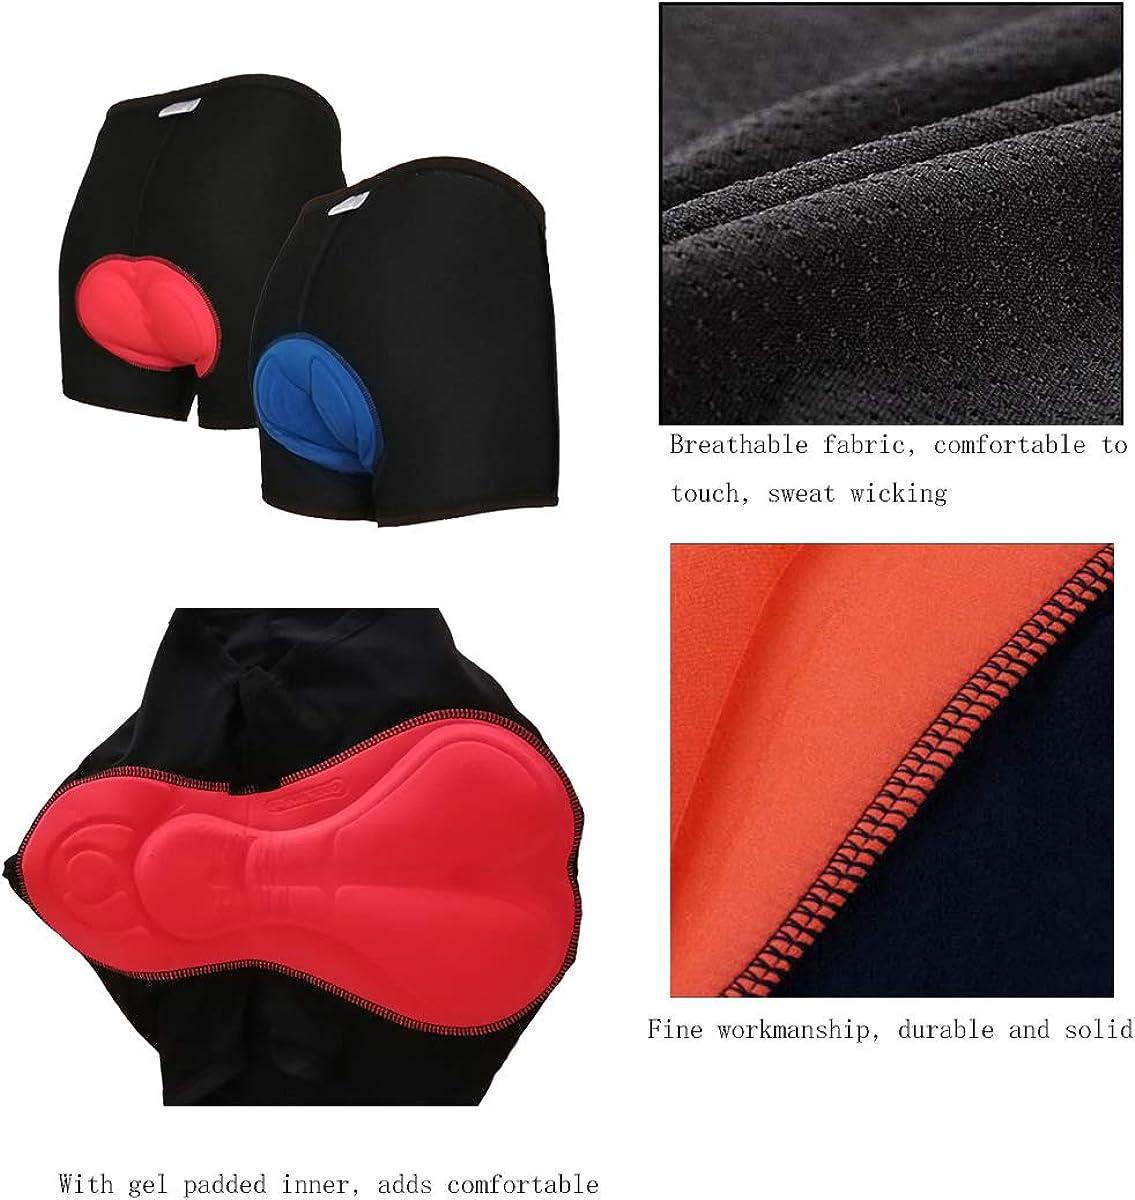 Lazzon Pantalones Cortos Ciclismo 3D Gel de S/ílice Acolchado Calzoncillos 2 Piezas Transpirable Ligero Ropa Interior de Bicicleta para Hombres Mujeres